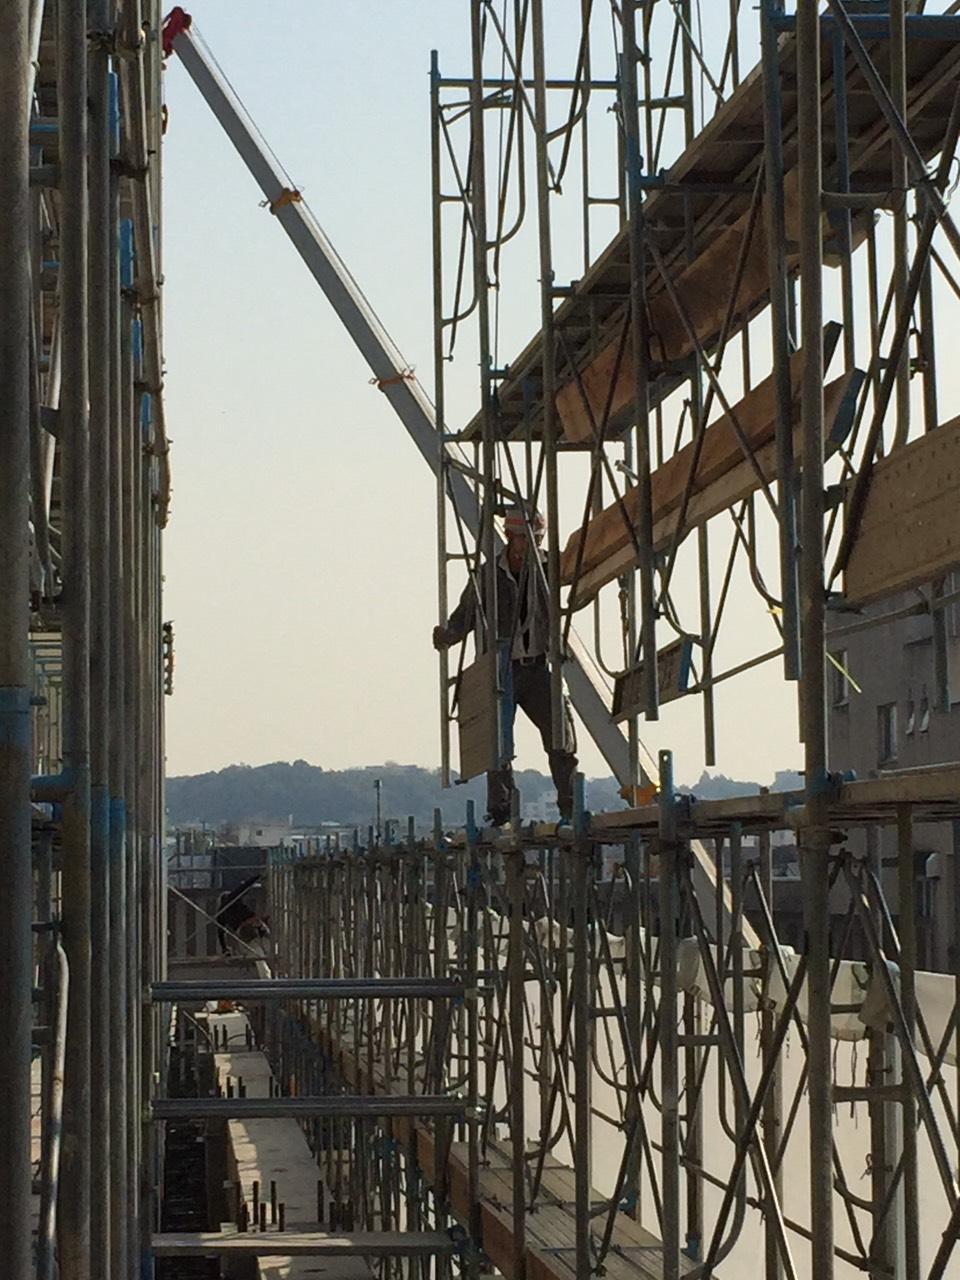 鳶工事一式・足場設置・解体・鉄骨・クレーン建方などを請負う建設会社